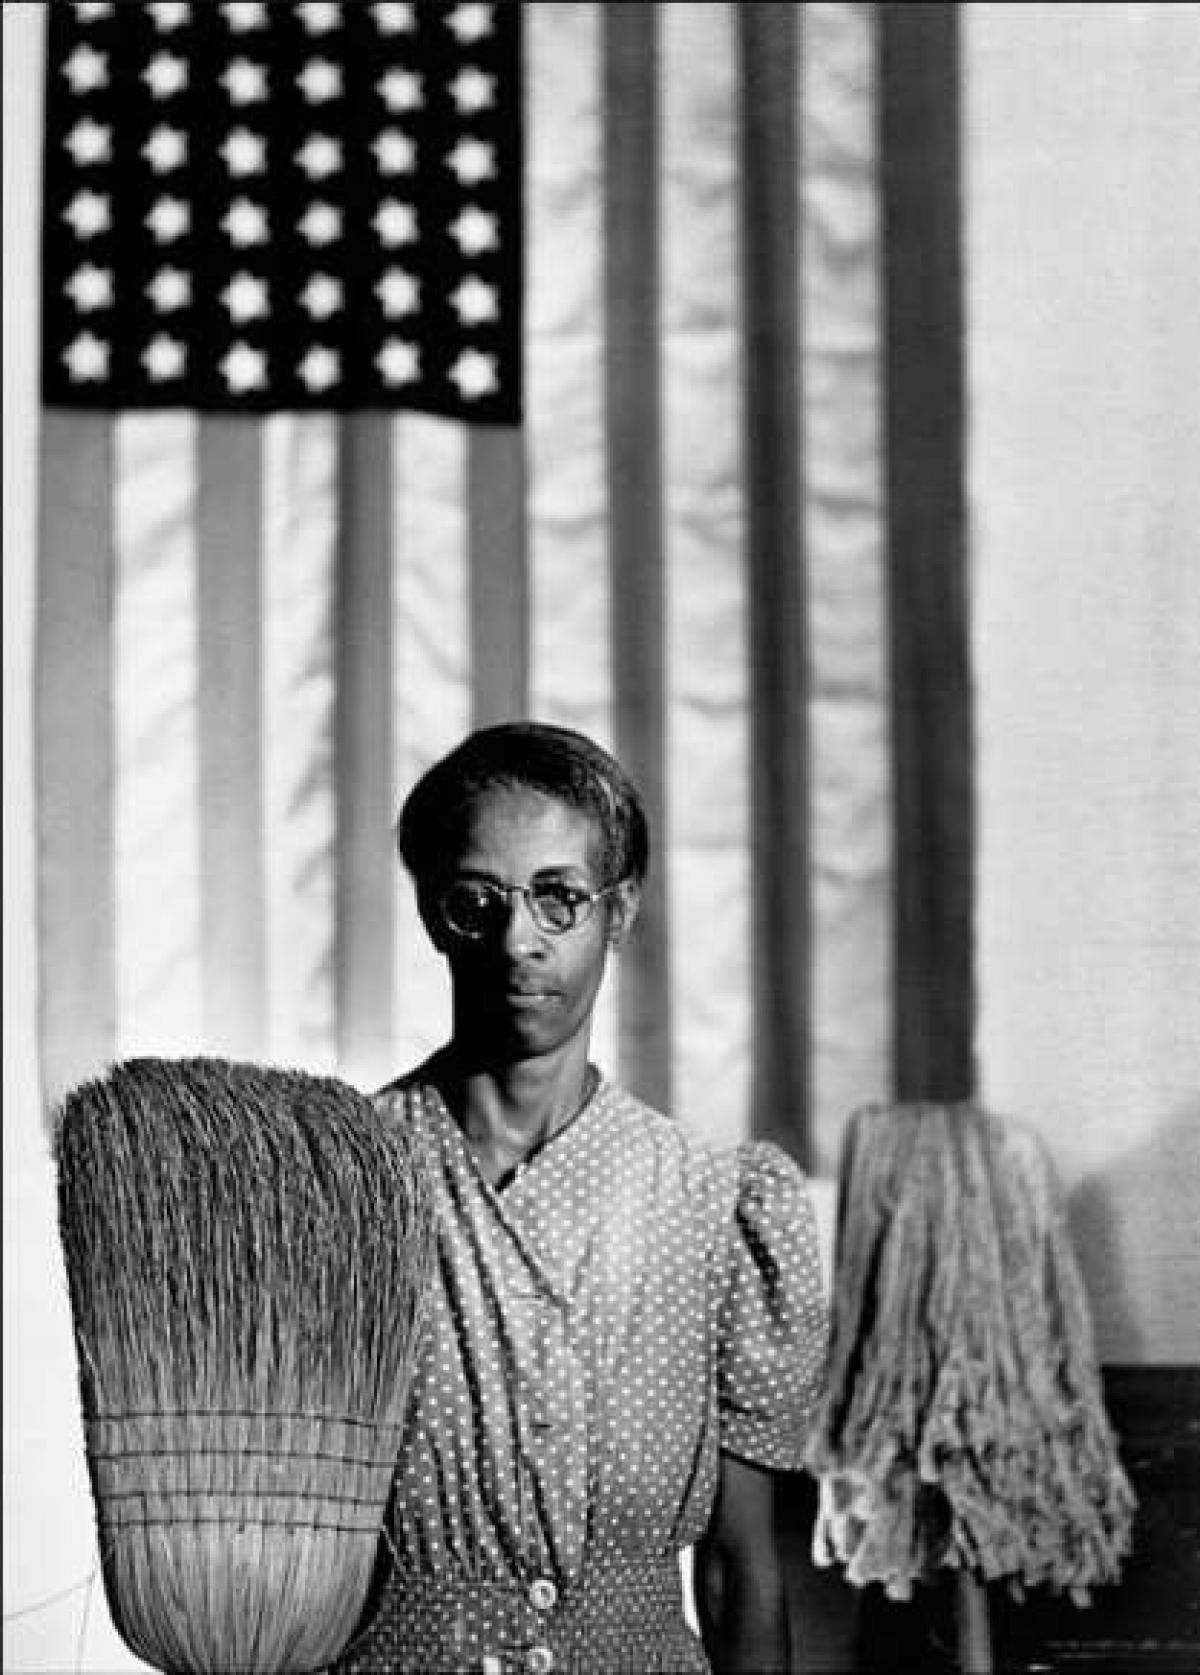 """Bức ảnh này ông Parks chụp đồng nghiệp tại Cục Quản lý An ninh Nông trại ở thủ đô Washington, với tạo dáng giống với bức tranh Grant Wood nổi tiếng """"American Gothic"""" của một người nông dân da trắng và vợ. Tuy nhiên, chủ đề trong bức ảnh của Parks là bà mẹ và người phụ nữ quét dọn da đen, Ella Watson, người quá bận rộn hoặc không có đủ thời gian để chỉnh sửa khuy trên váy."""